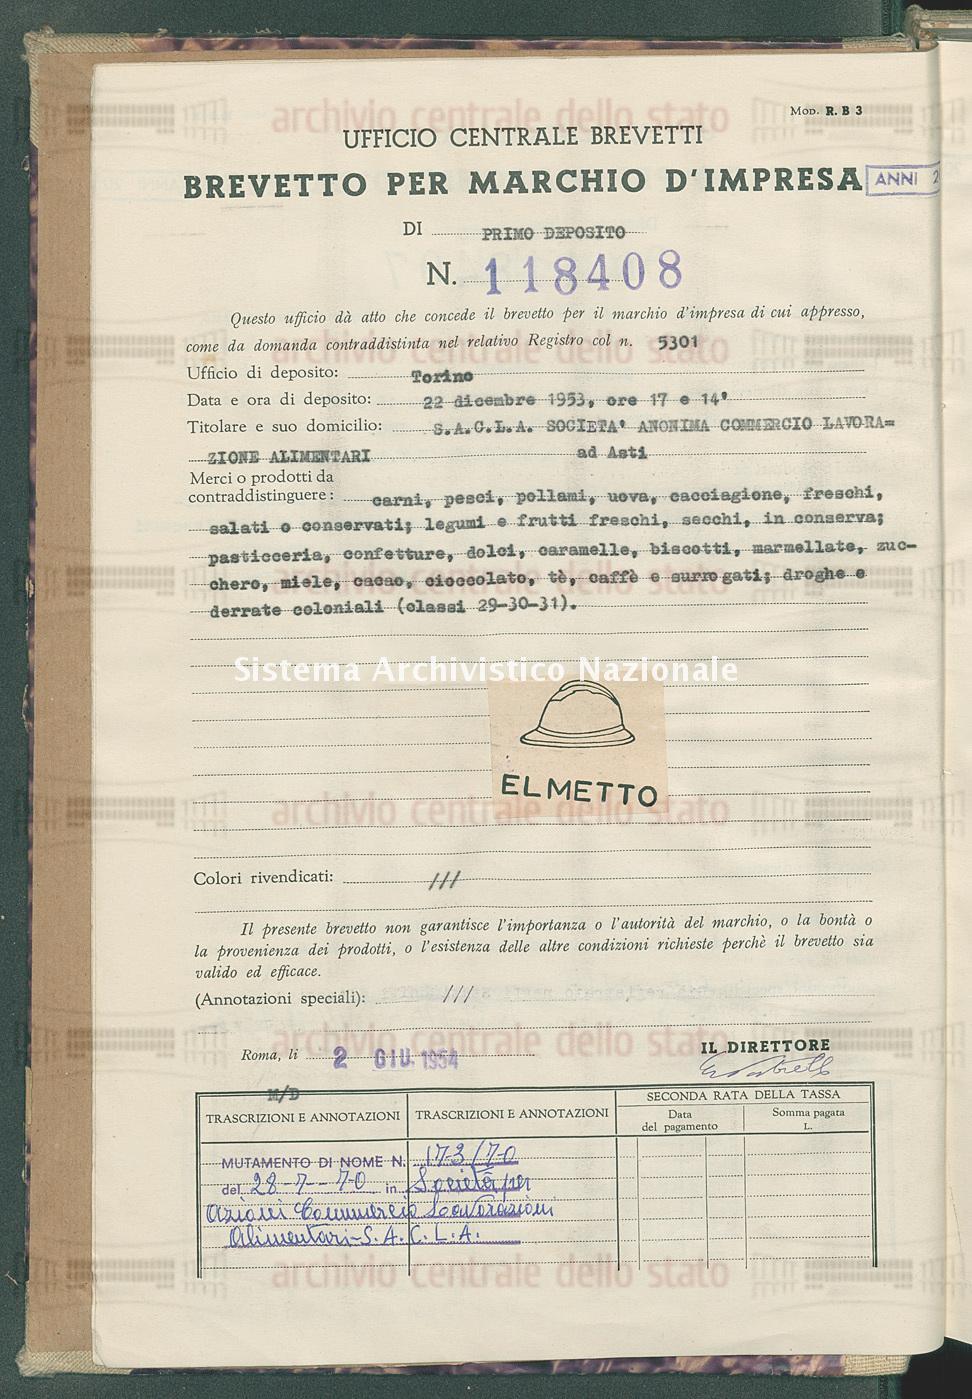 Carni, pesci, pollami, uova, cacciagione, freschi, salati ecc. S.A.C.L.A. Societa' Anonima Commercio Lavorazione Alimentari (02/06/1954)